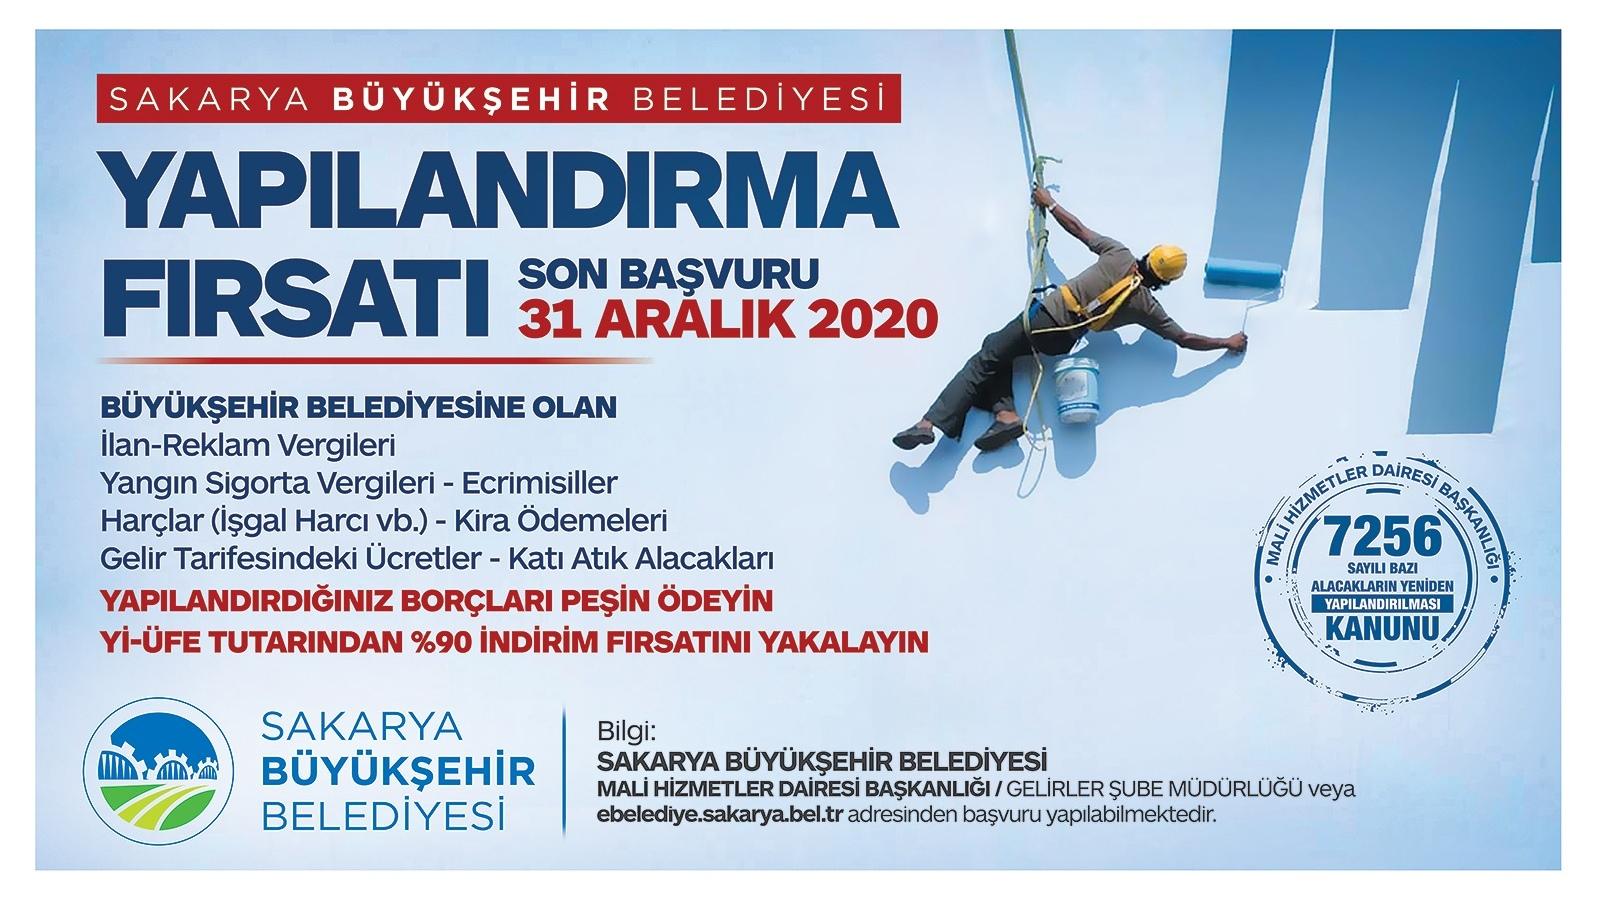 Sakarya Büyükşehir'de taksitlendirme fırsatı